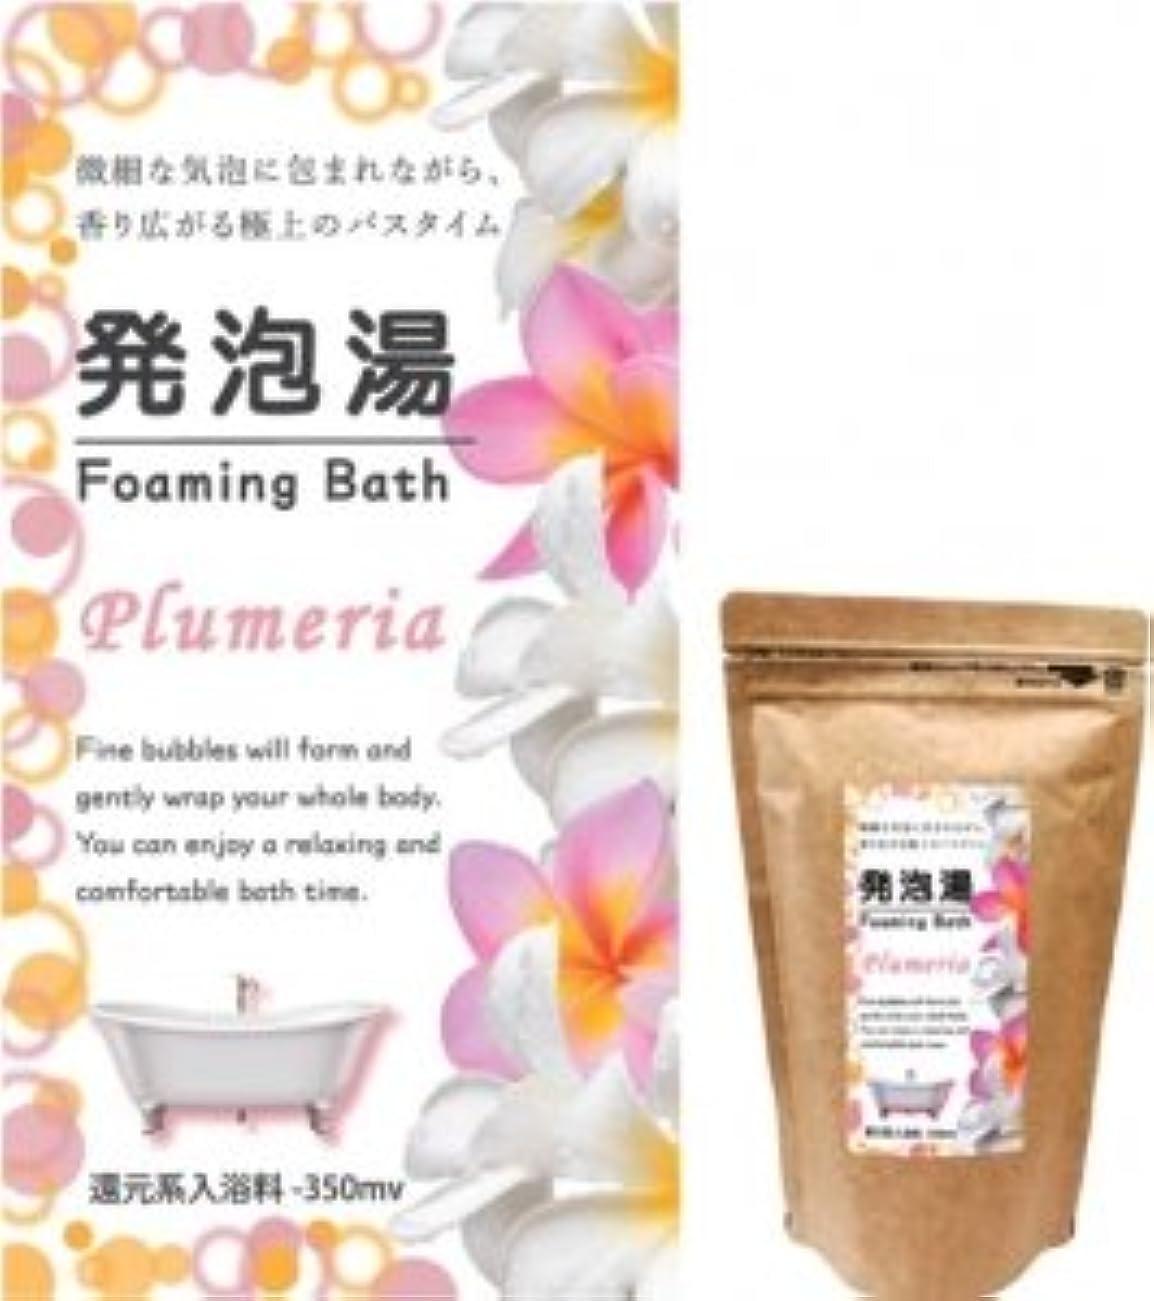 レース無秩序鮫発泡湯(はっぽうとう) Foaming Bath Plumeria プルメリア お徳用15回分